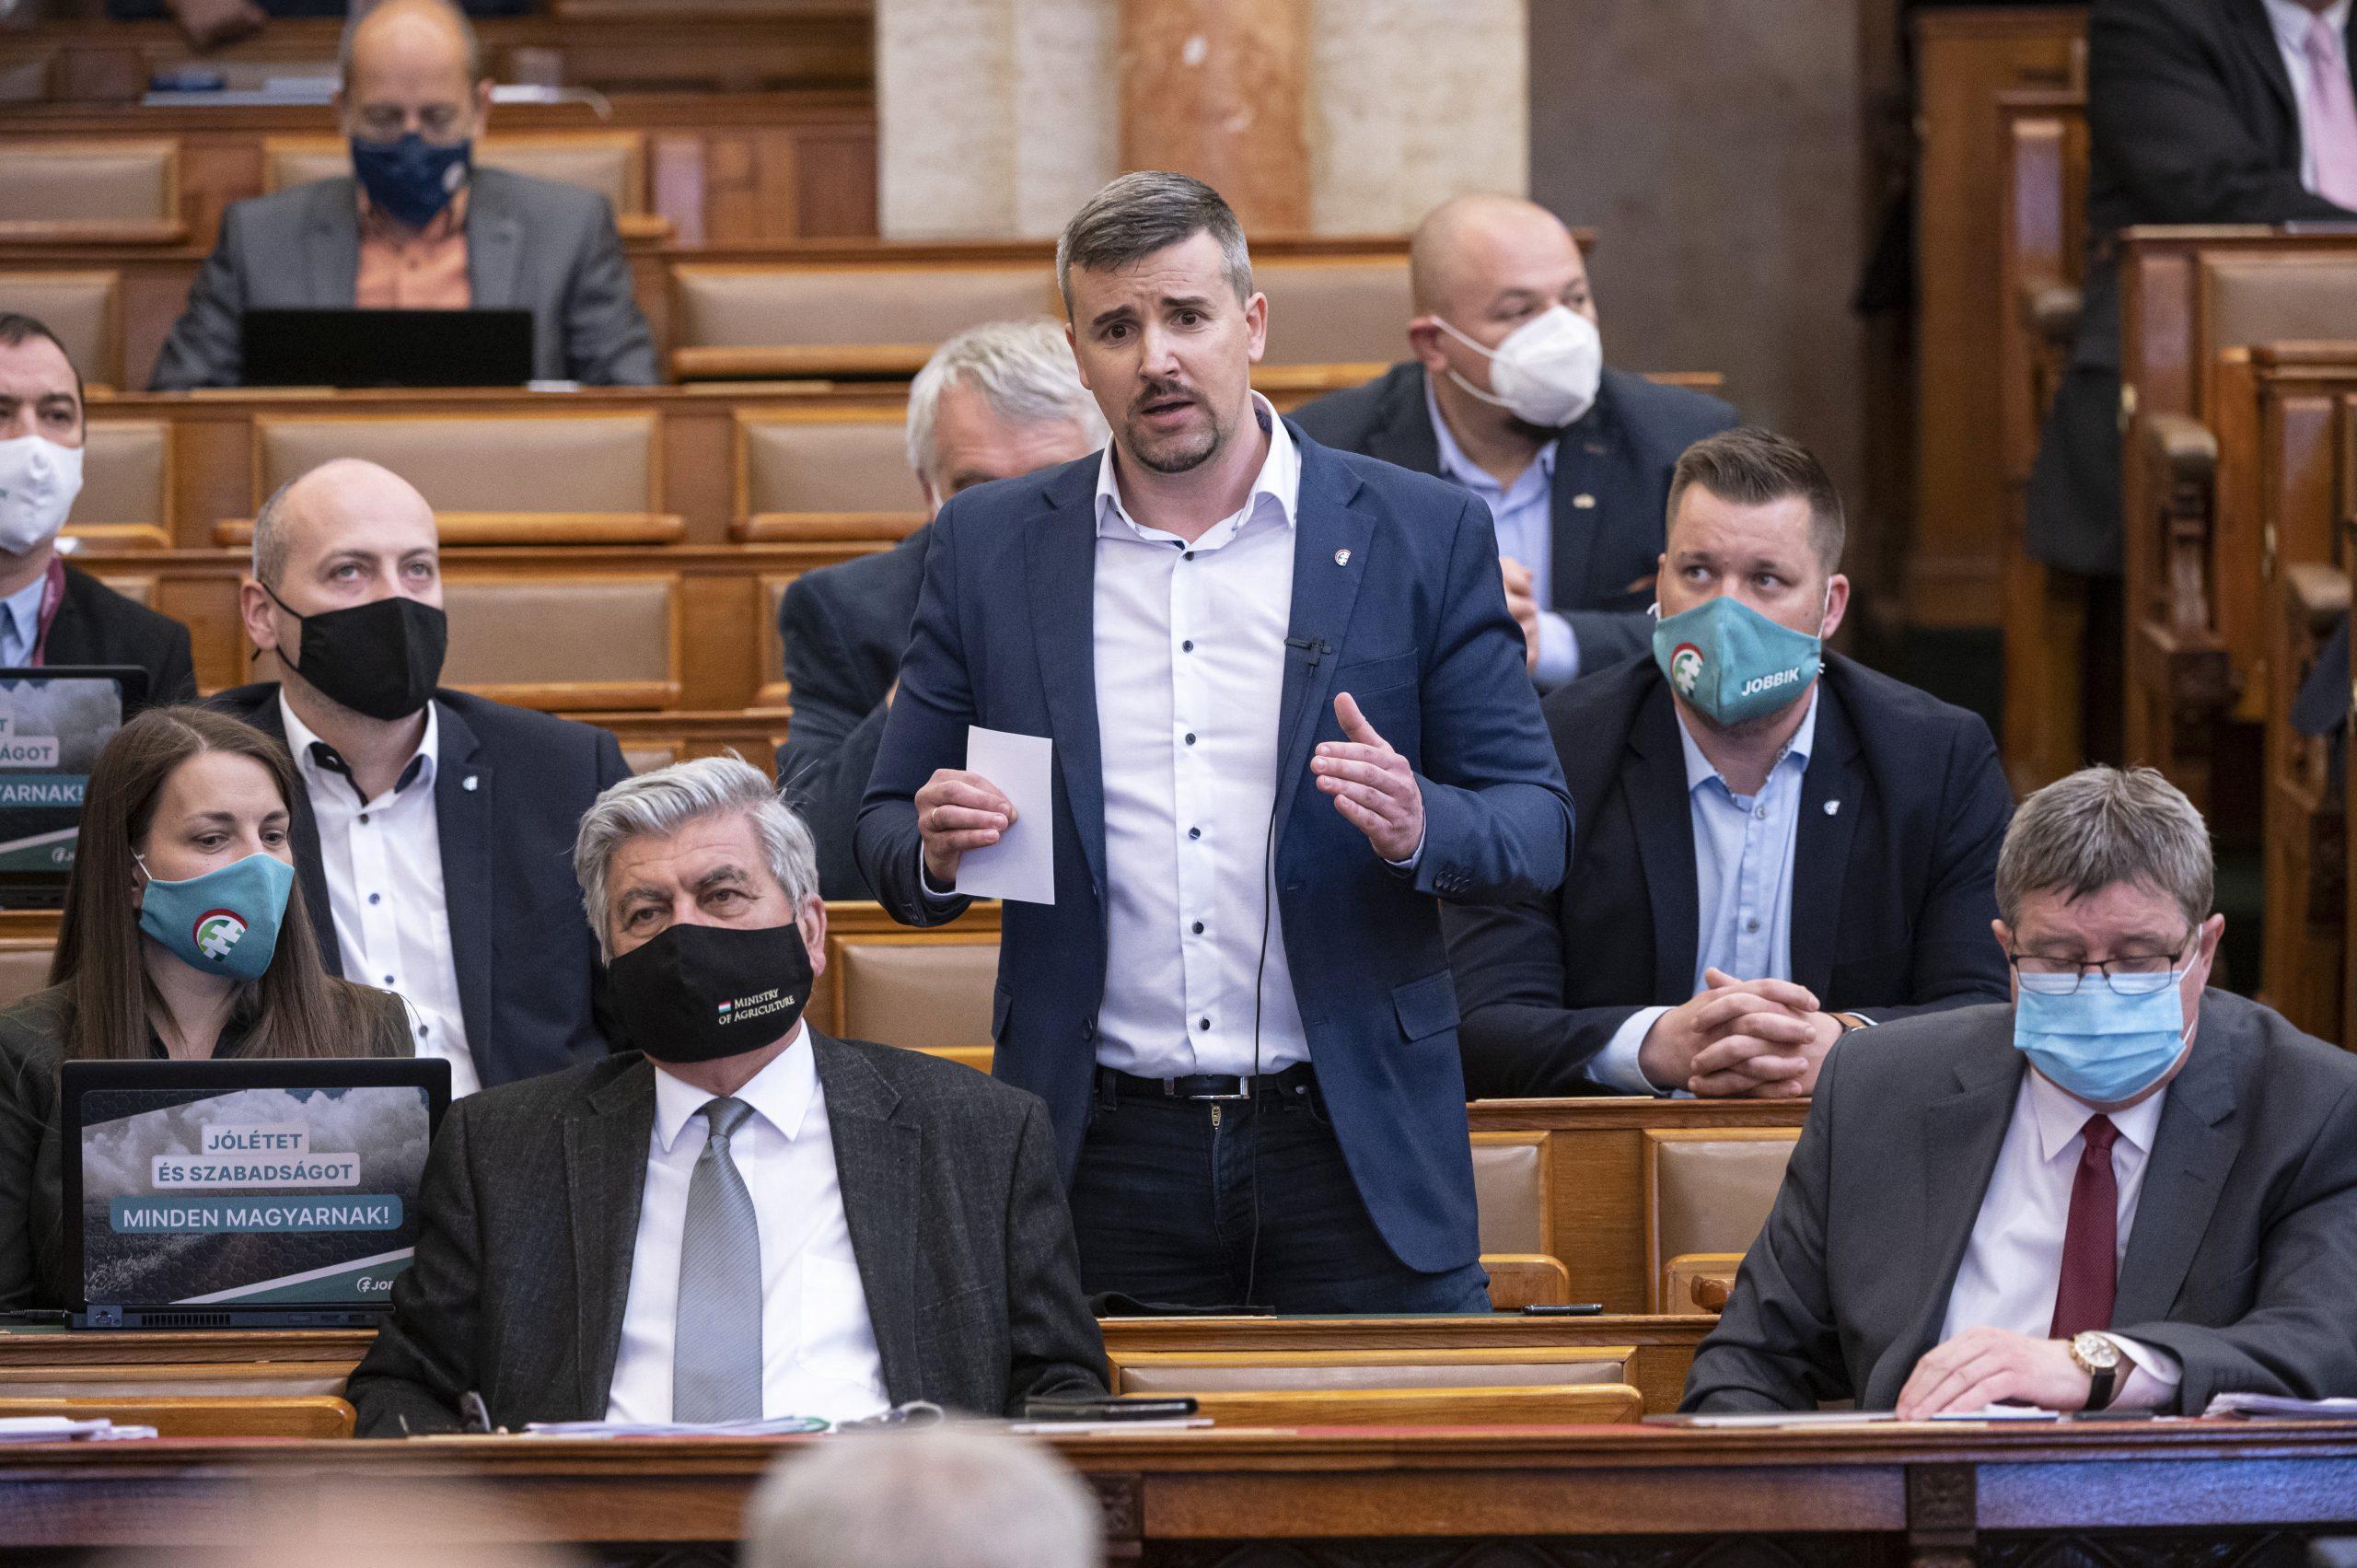 Ungarischer Oppositionspolitiker erhielt Rekordstrafe im Parlament